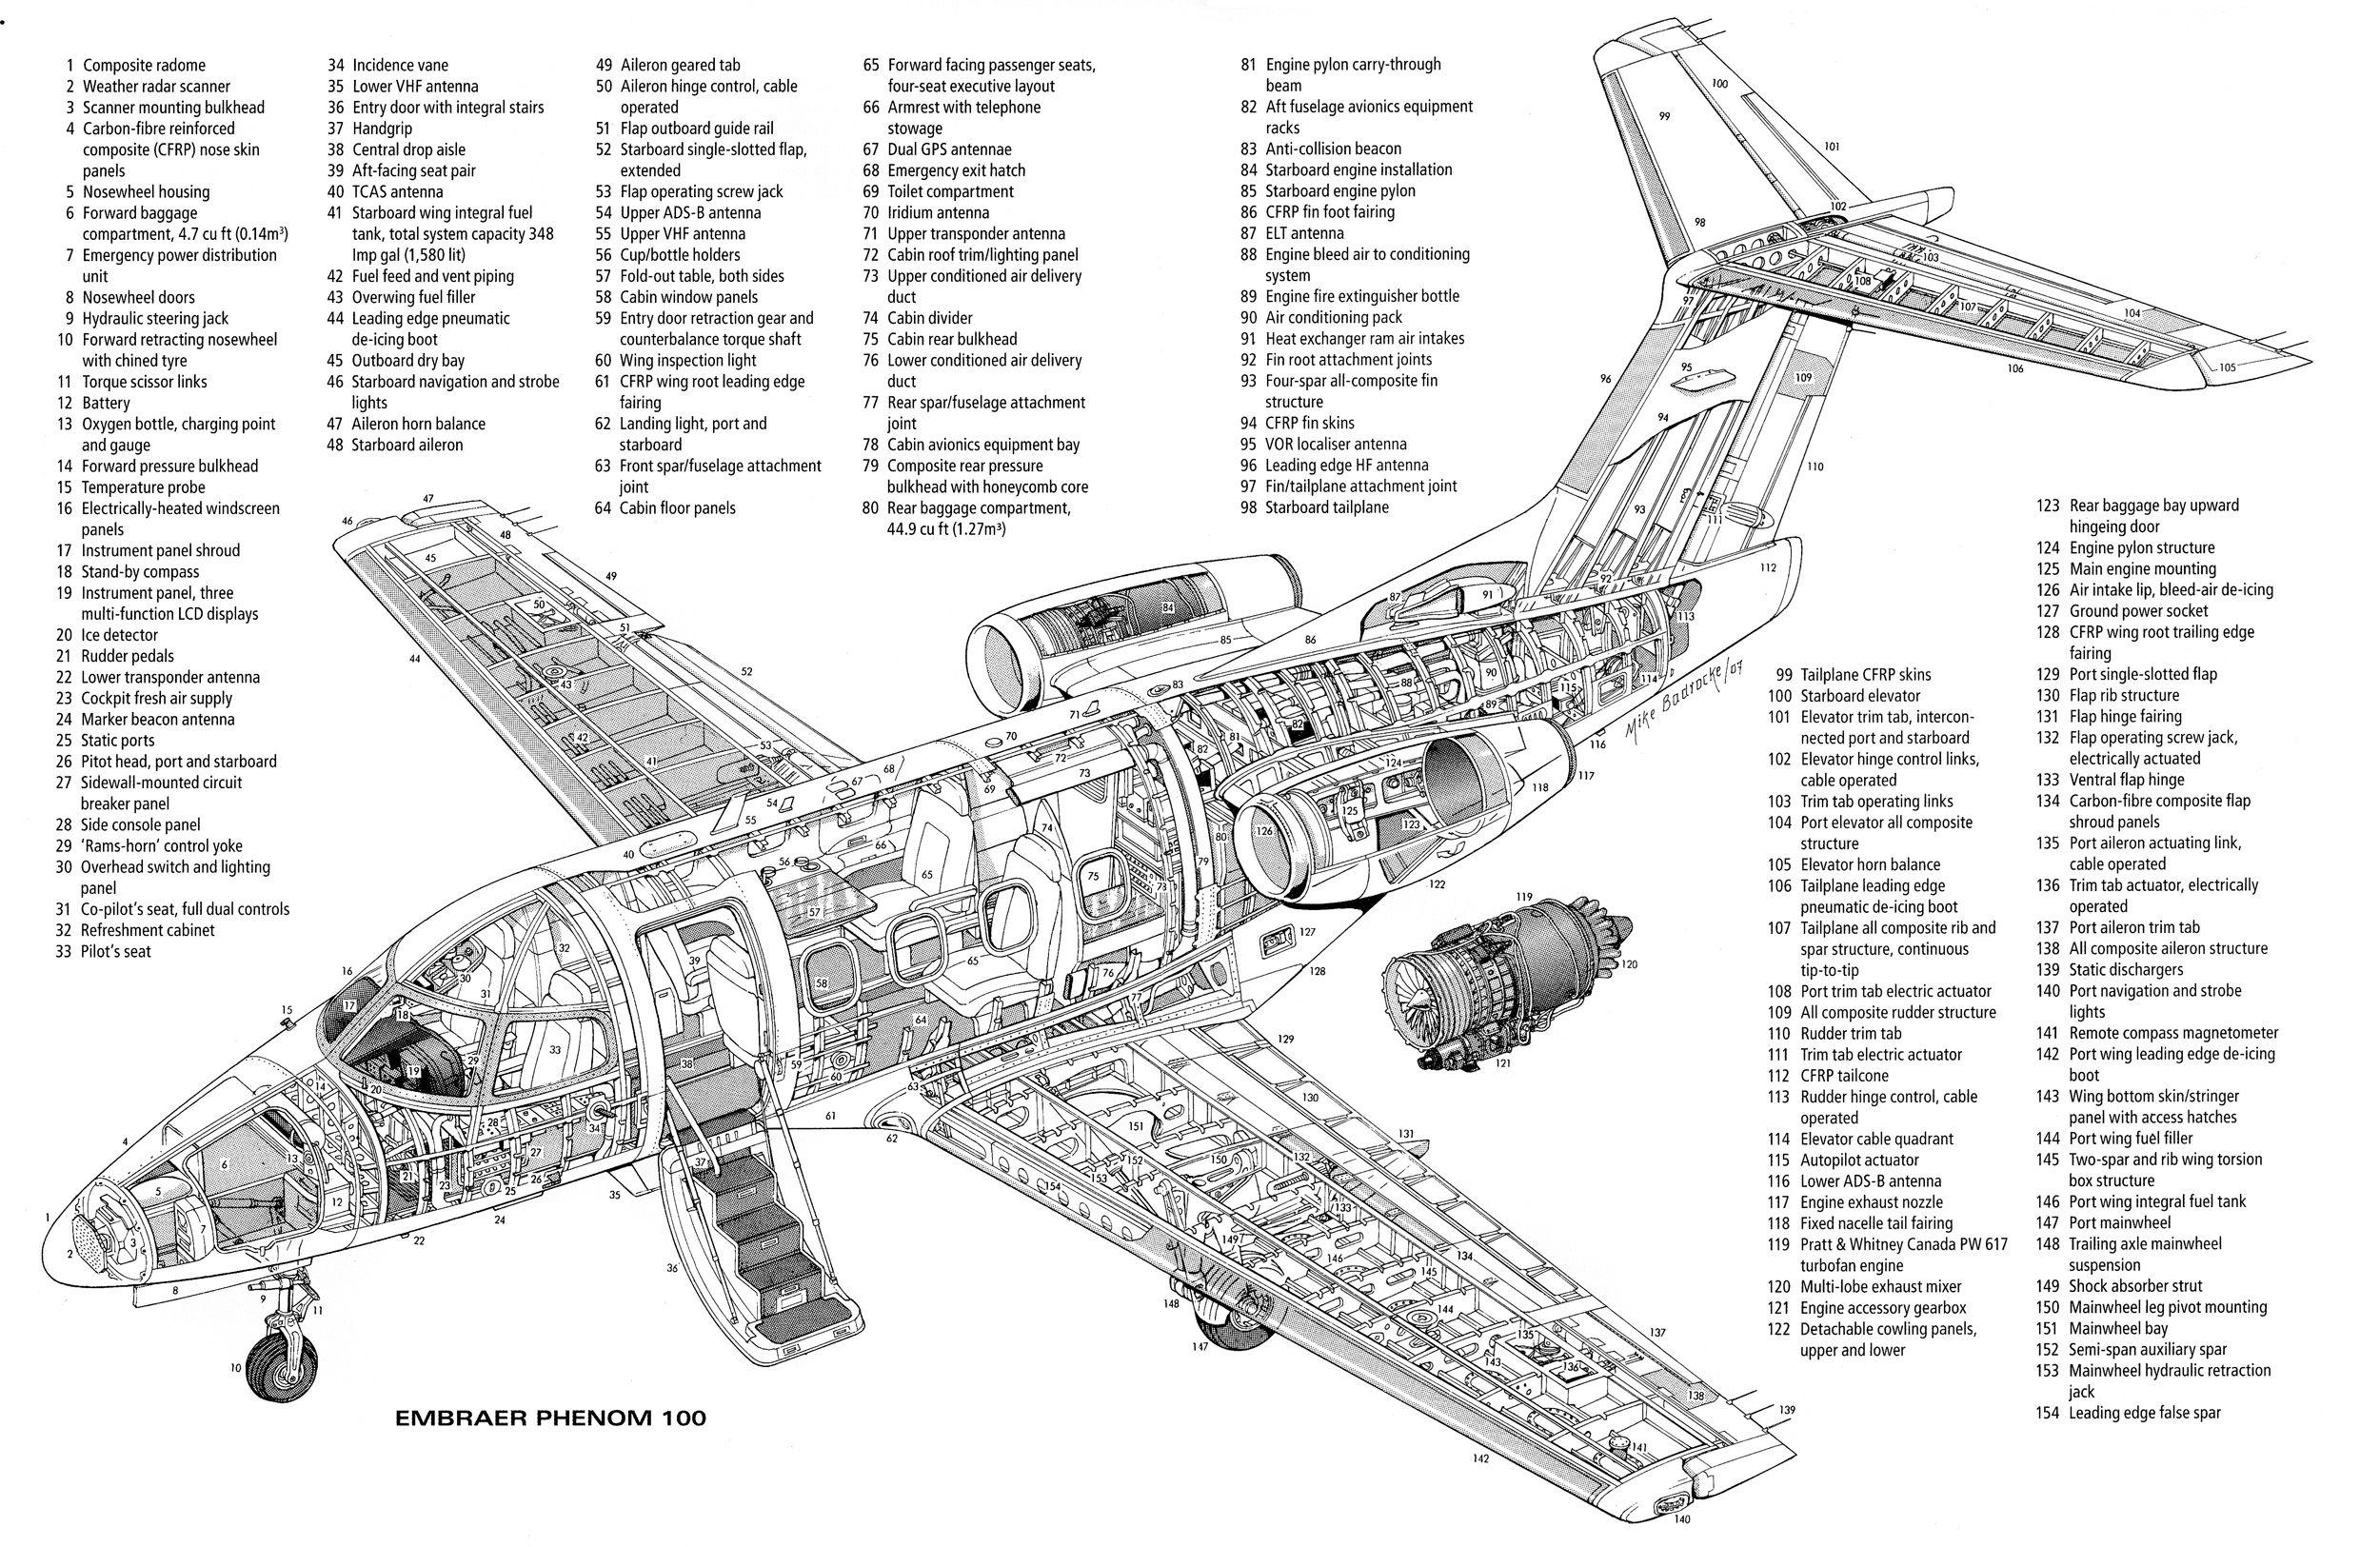 Pin By Anton Zheltyakov On Dropship Aircraft